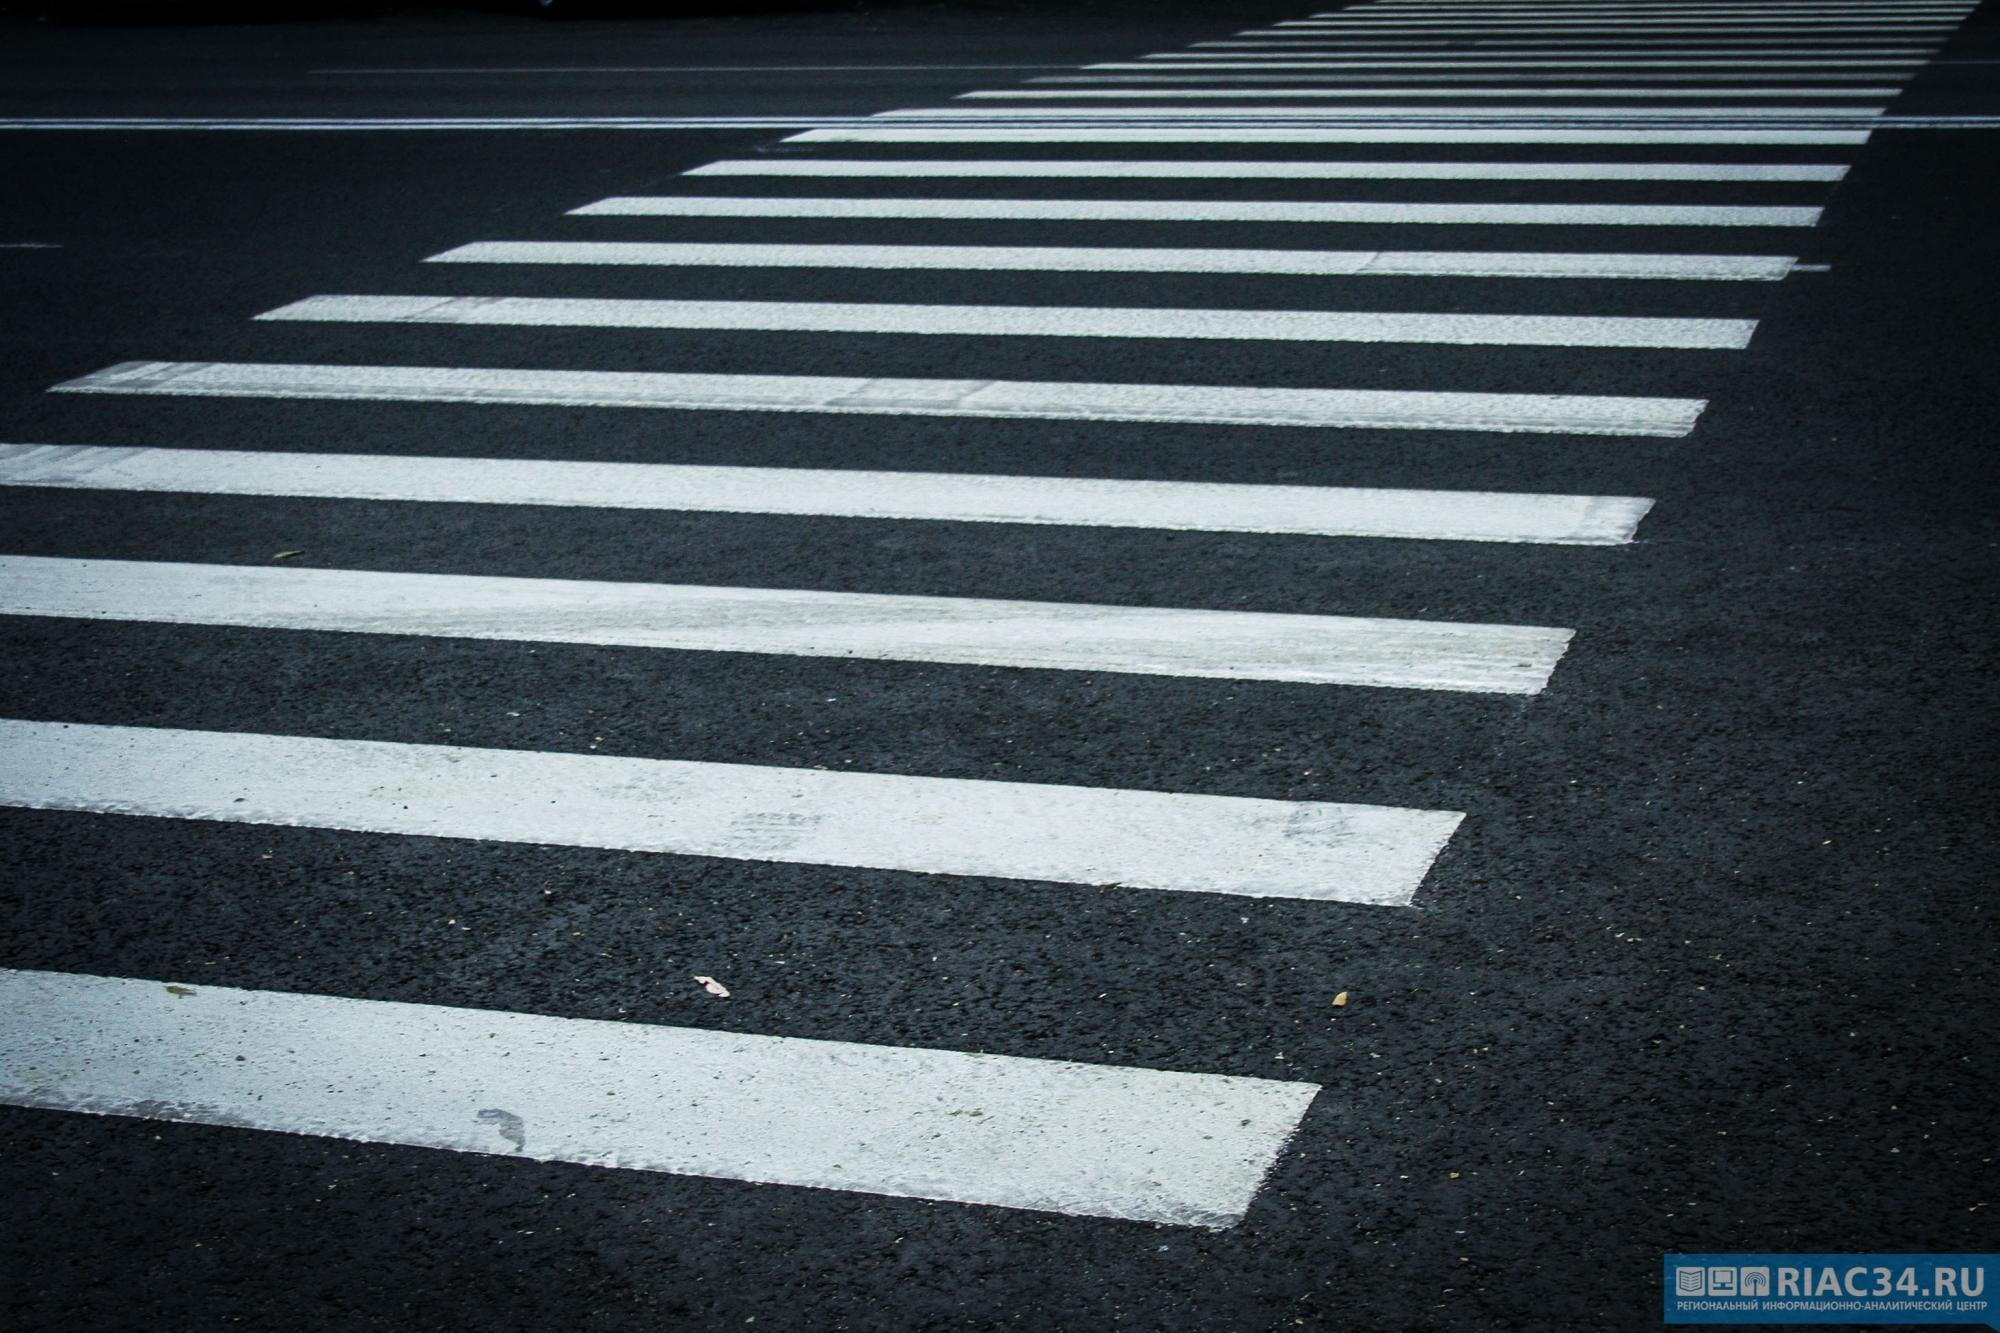 ВВолгоградской области иностранная машина сбила 2-х девушек сноворожденным сыном